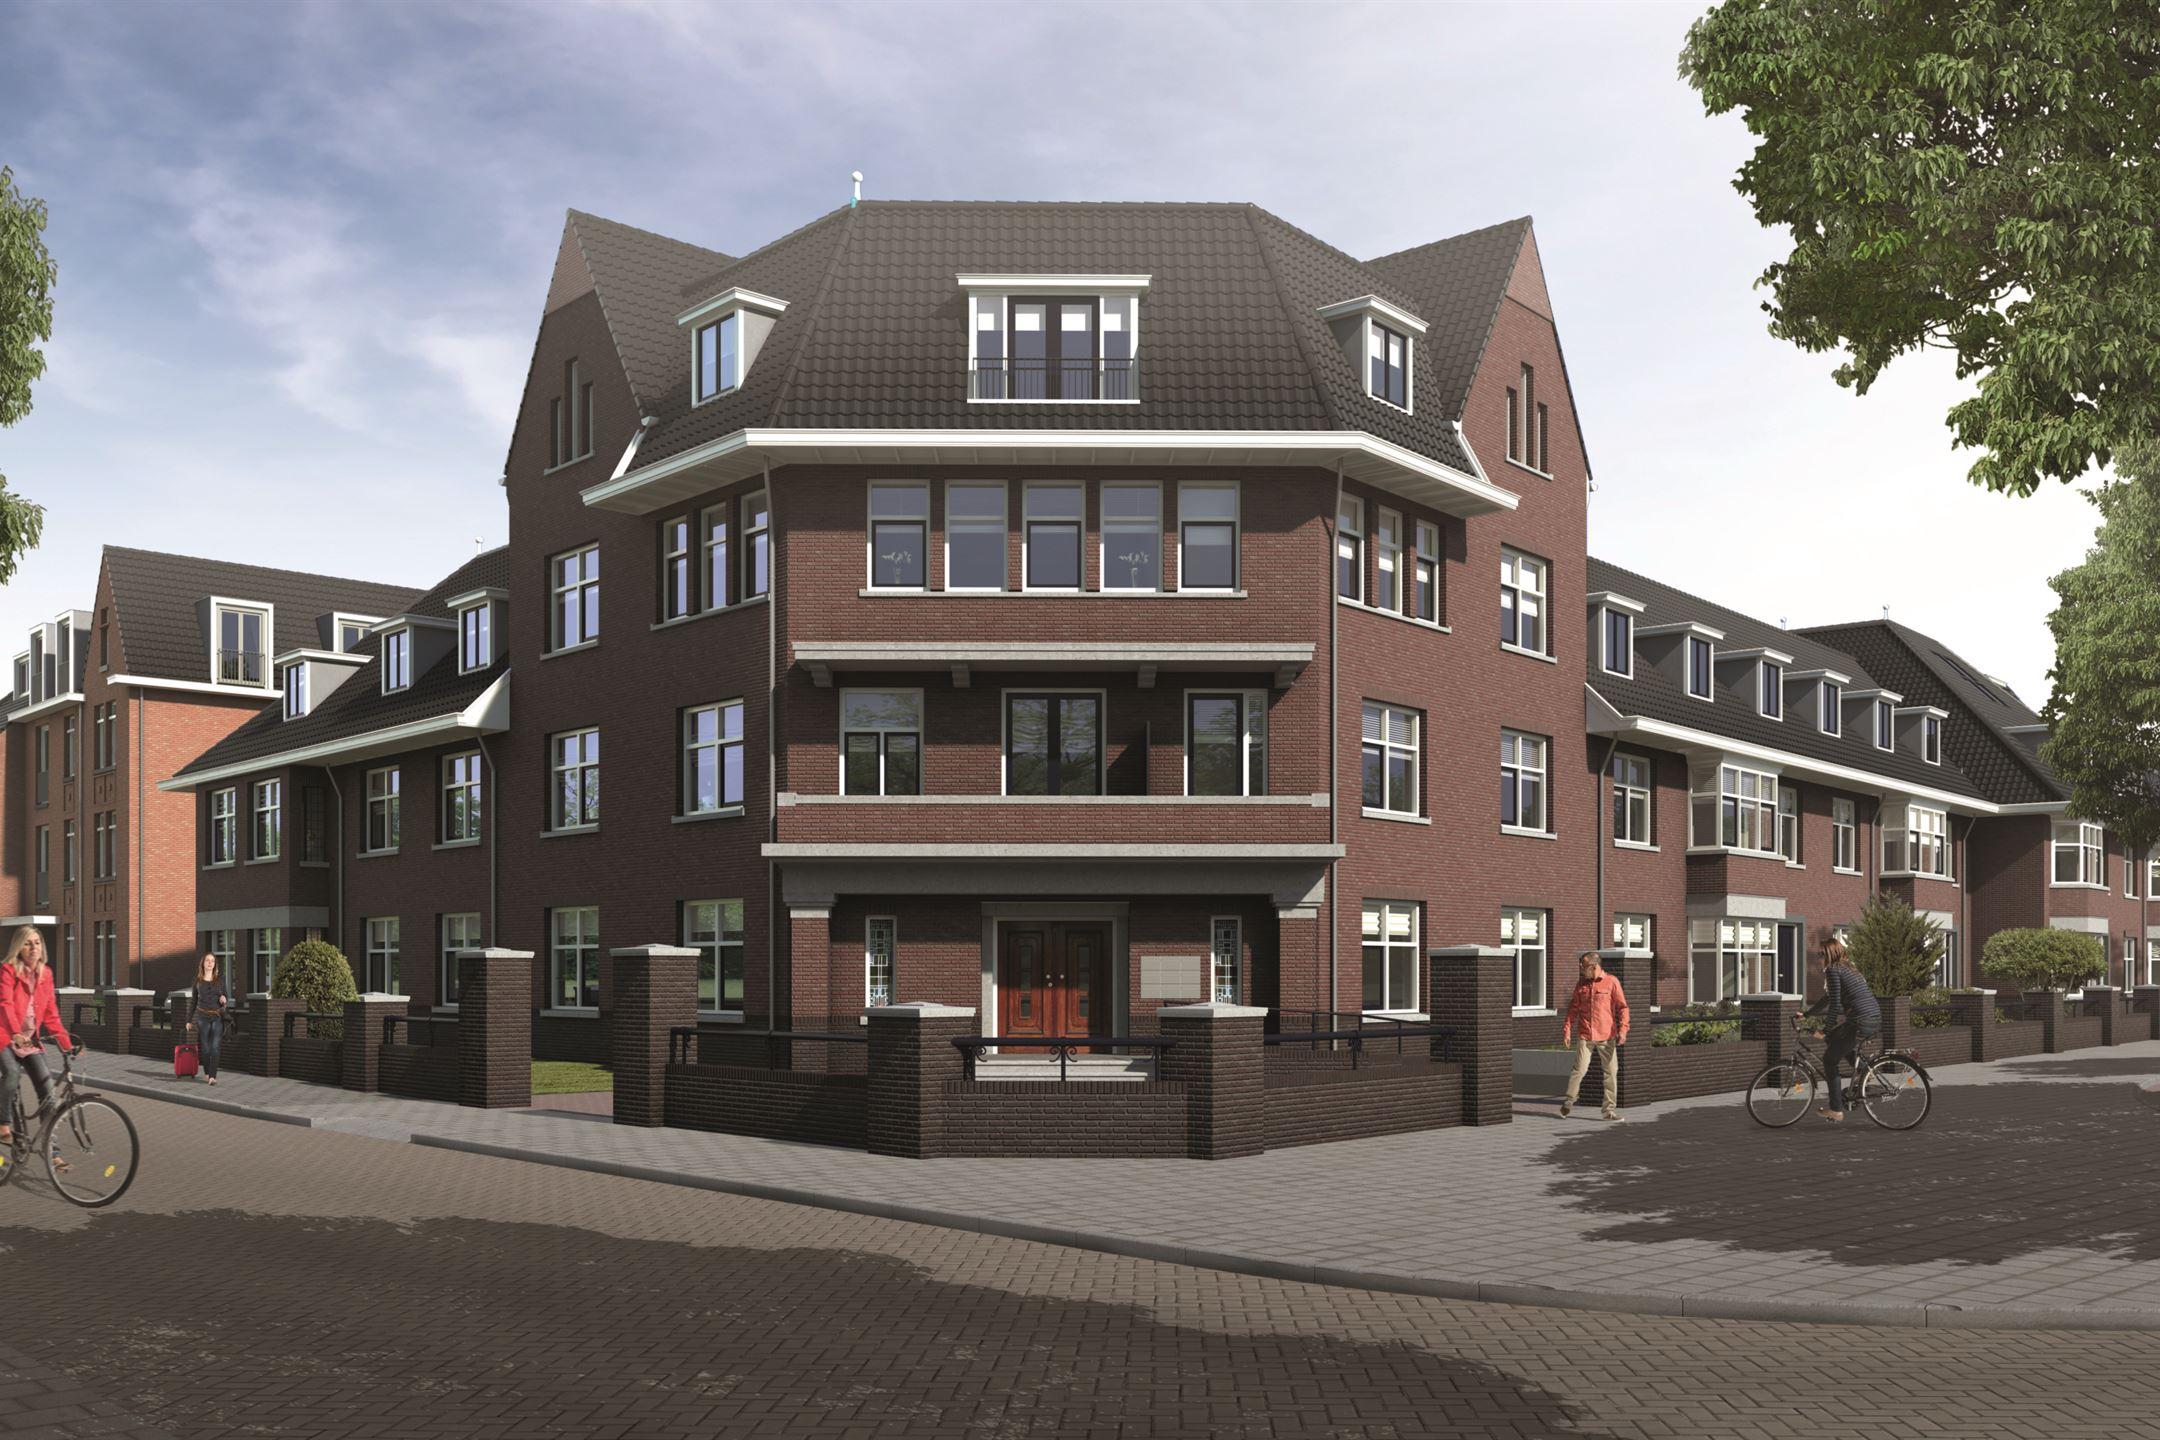 Appartement te koop: De Werve - Appartement - C (Bouwnr. 1) 4835 KP ...